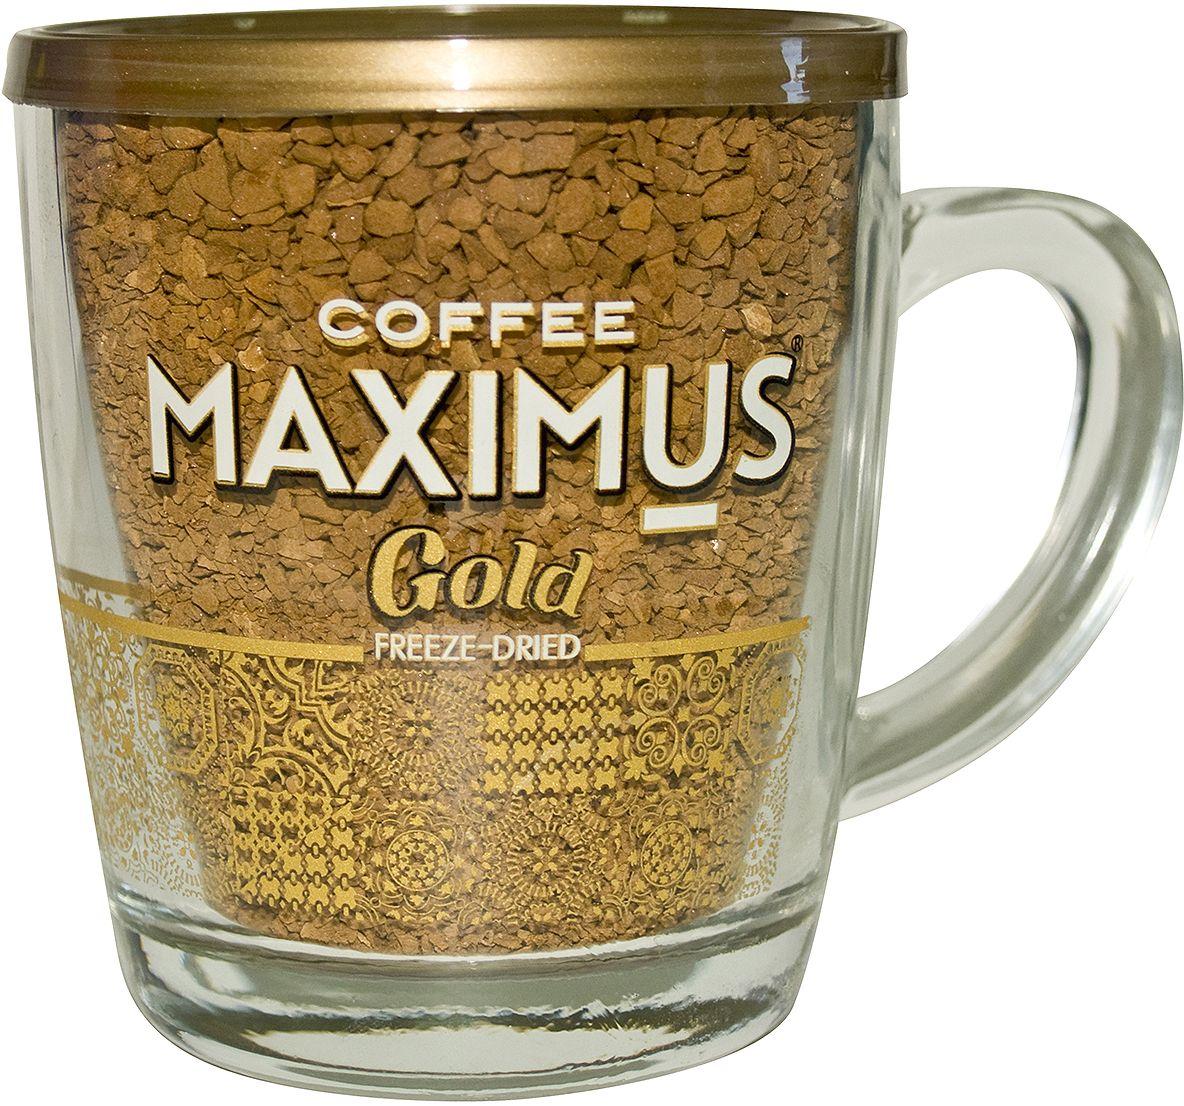 все цены на Maximus Gold кофе растворимый в стеклянной кружке, 70 г онлайн